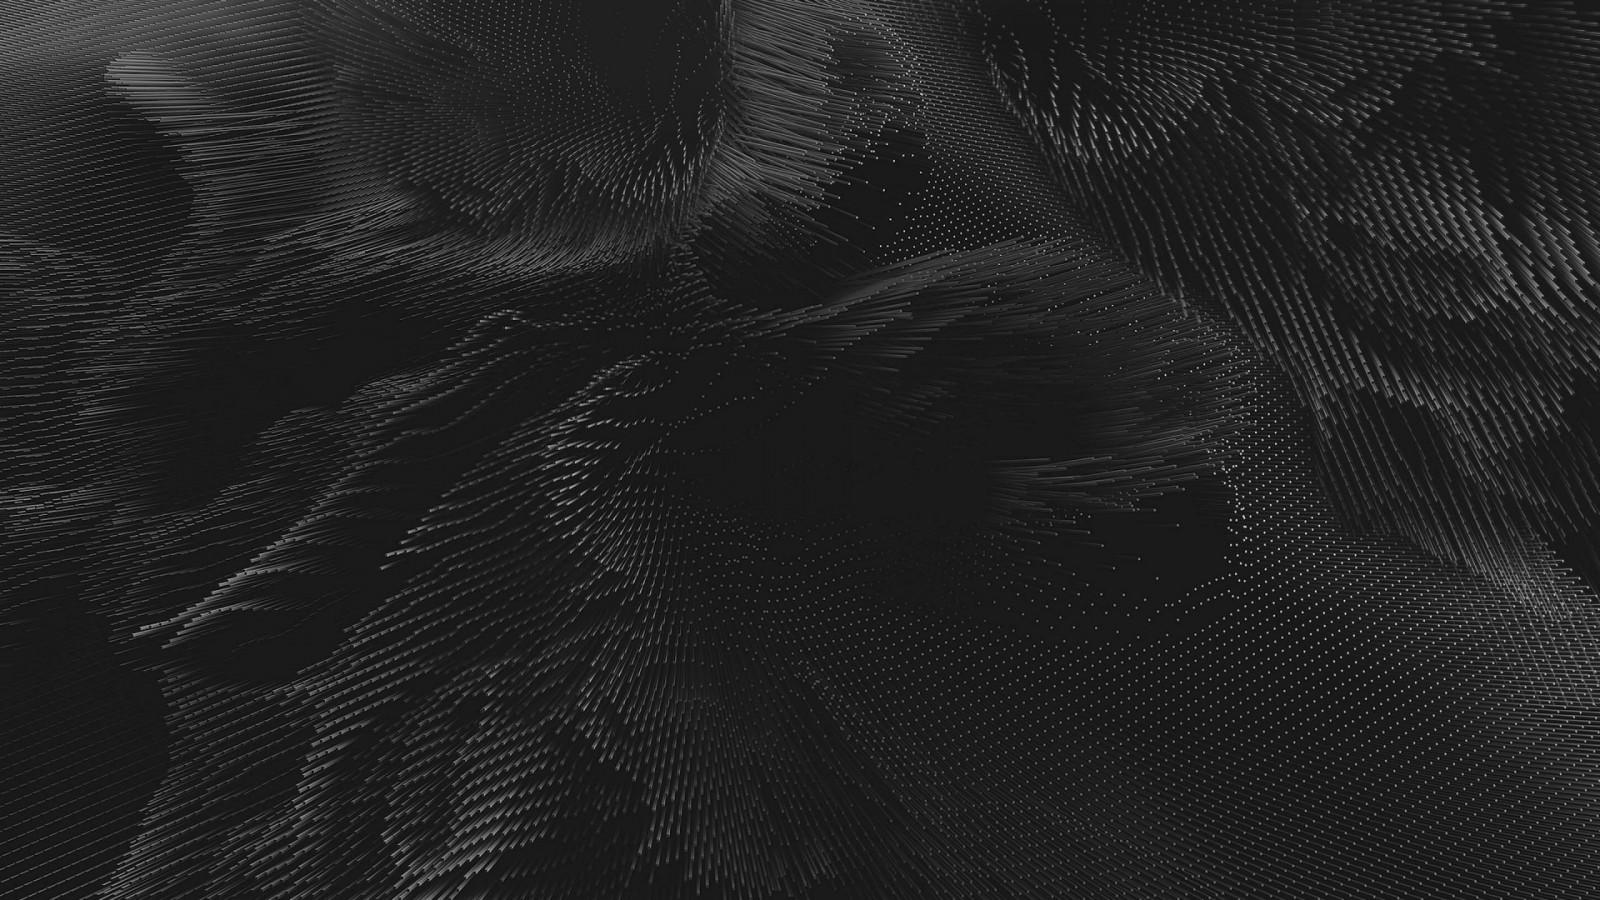 Wallpaper : digital art, dark, abstract, render, artwork ...